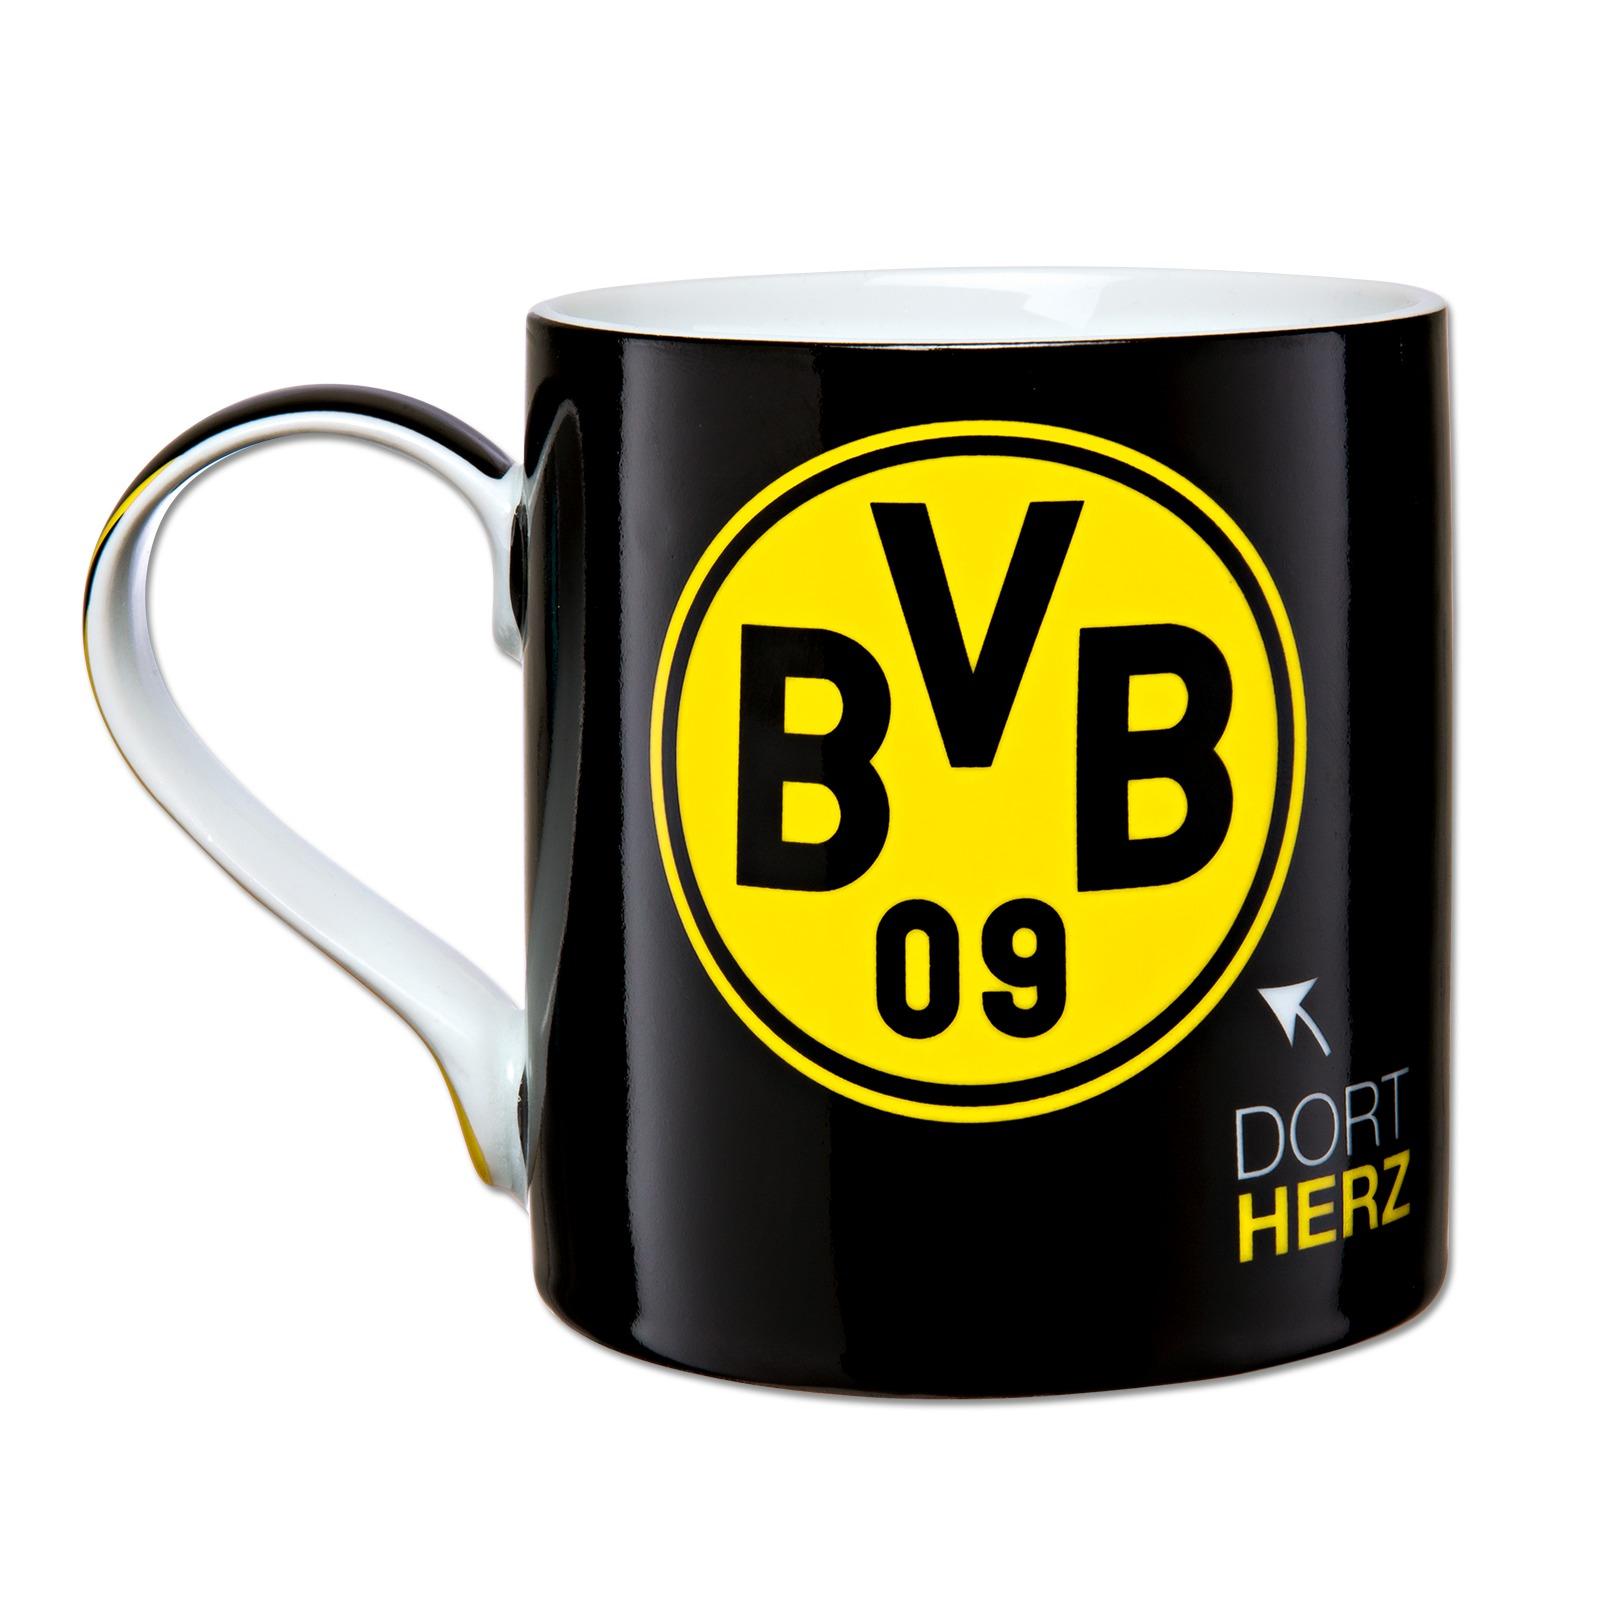 BVB-Tasse-Dortmund